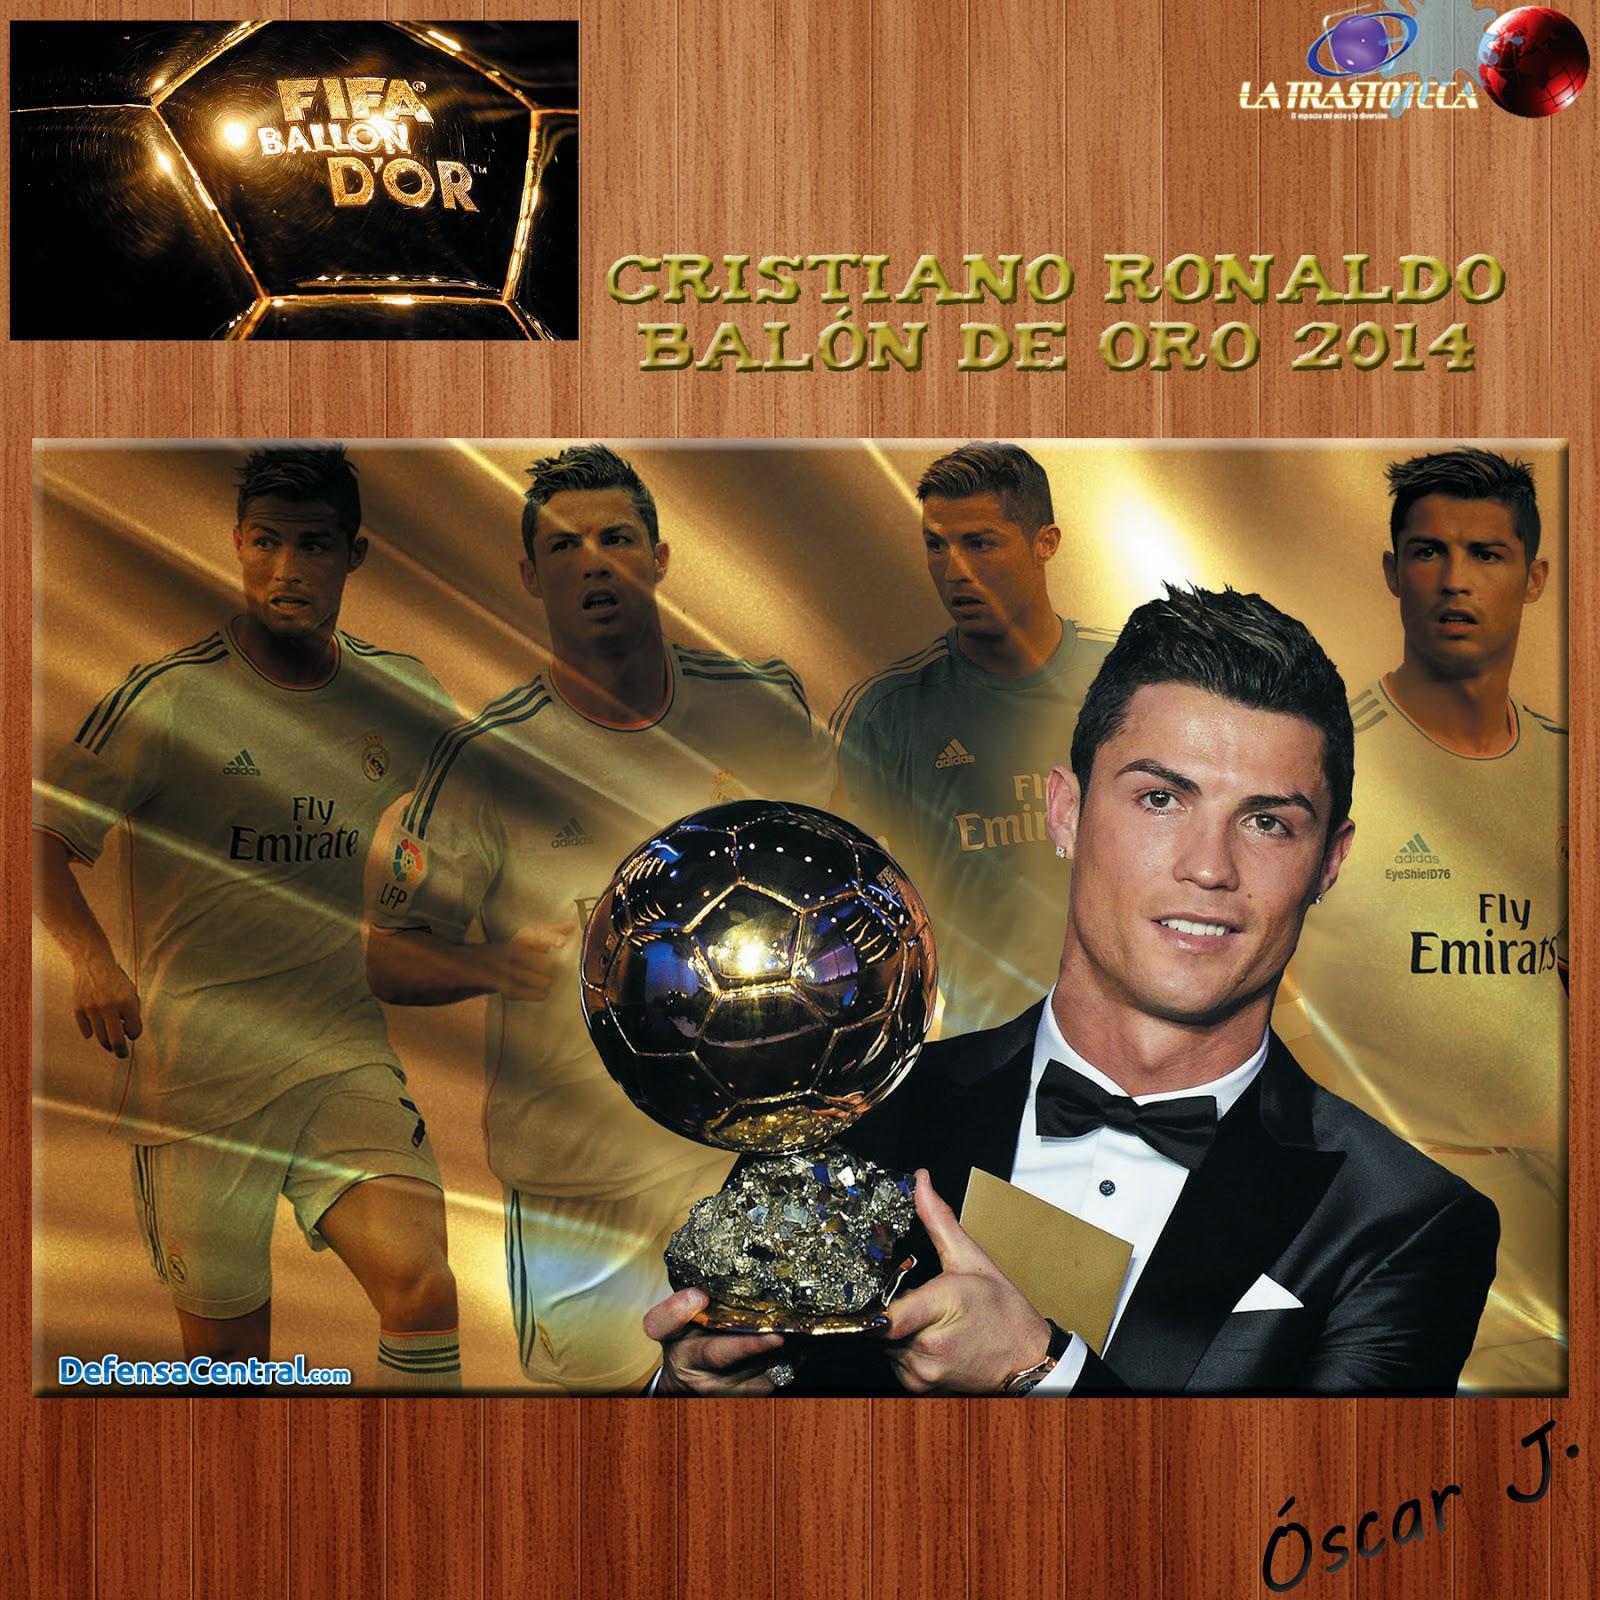 Cristiano Ronaldo gana su tercer Balón de Oro. El portugués del Real Madrid logró el 37,66 por ciento de los votos, muy lejos de Messi (15,76) y Neuer (15,72)